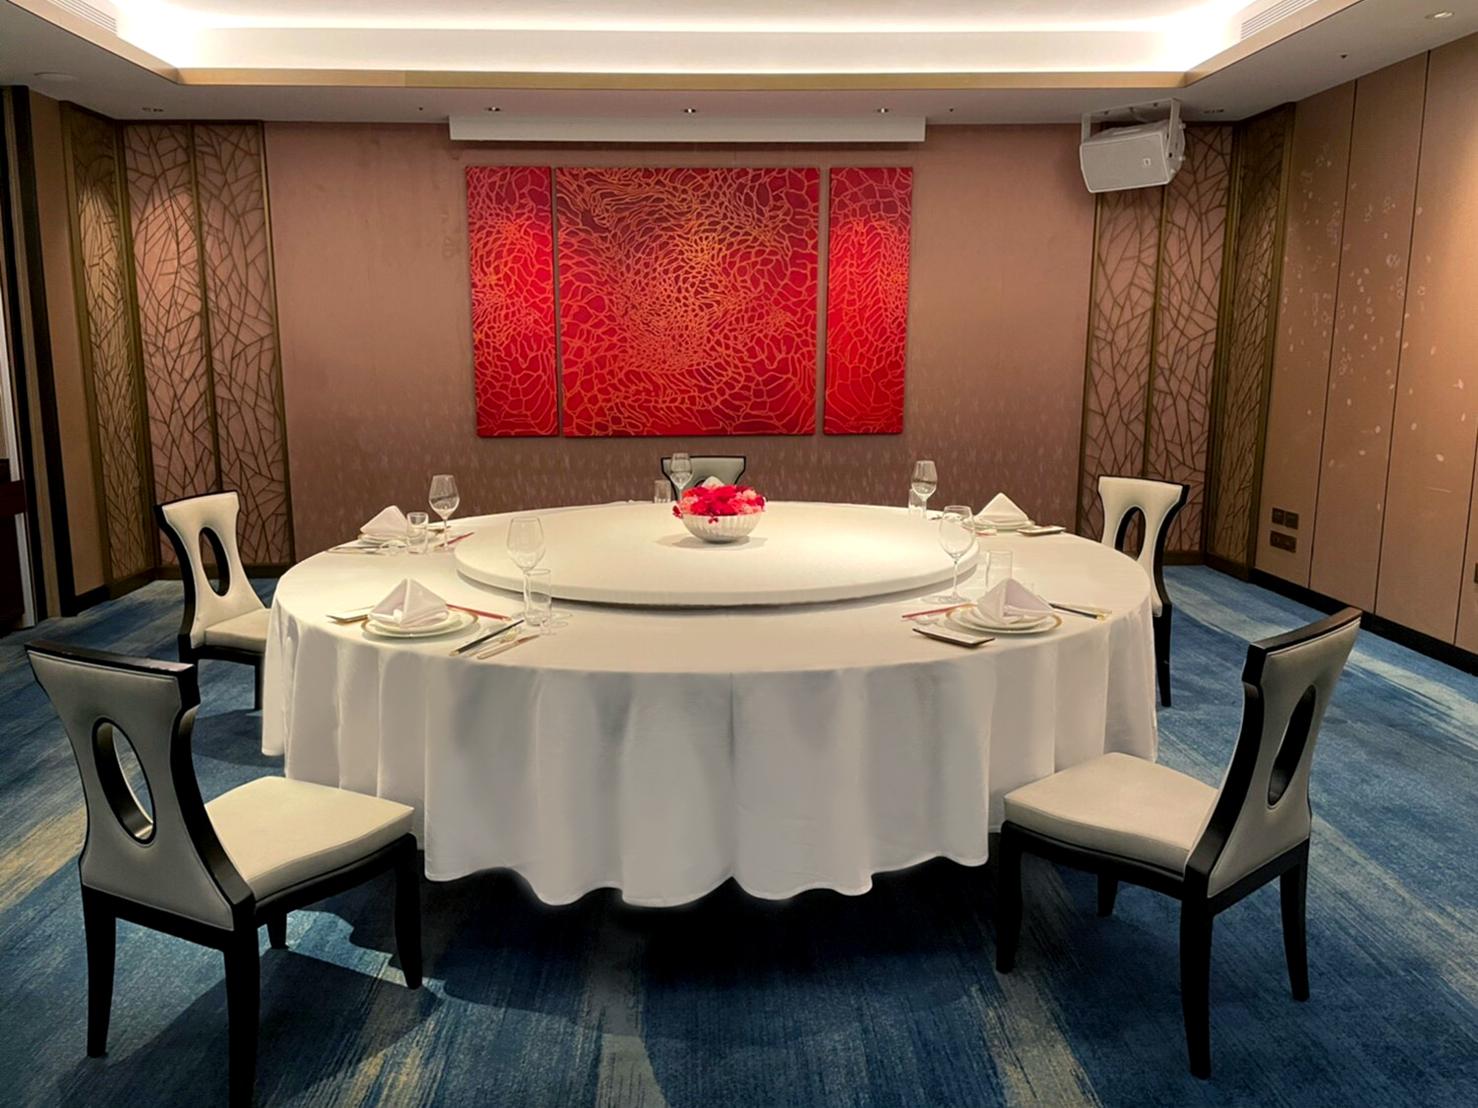 【台北國賓大飯店】以最高規格嚴格把關,為顧客準備最安心用餐的環境。